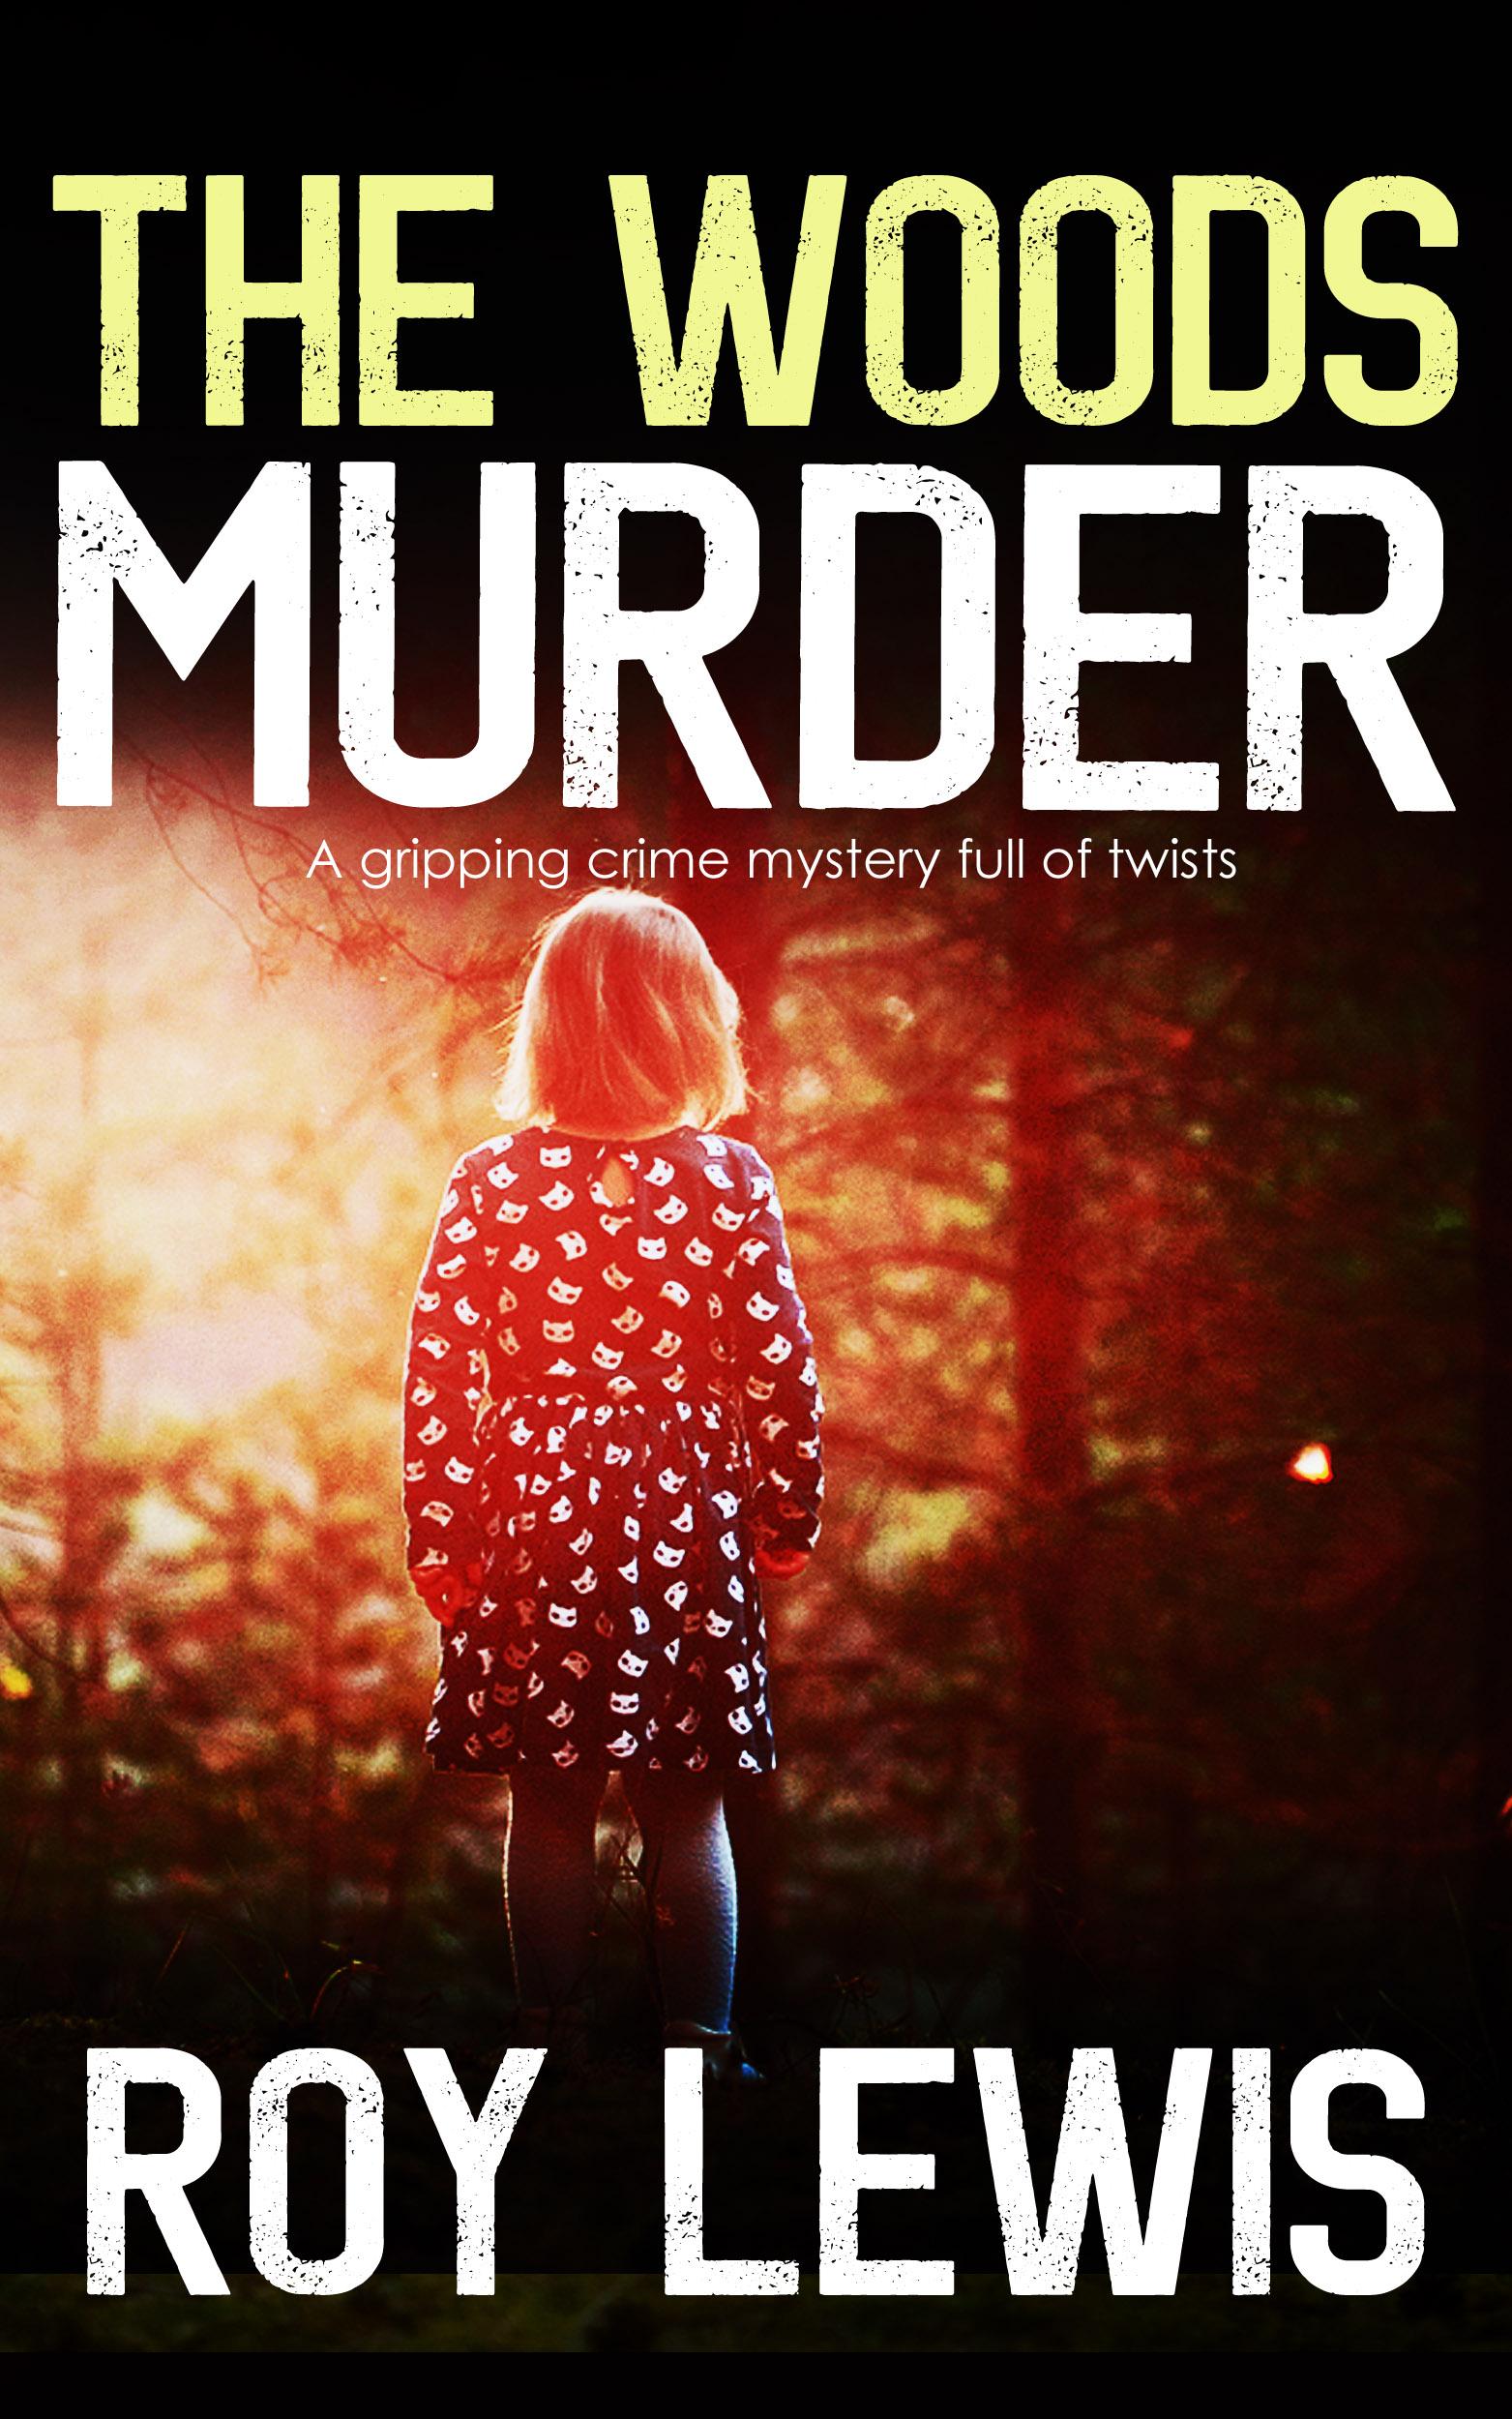 The Woods Murder cover.jpg